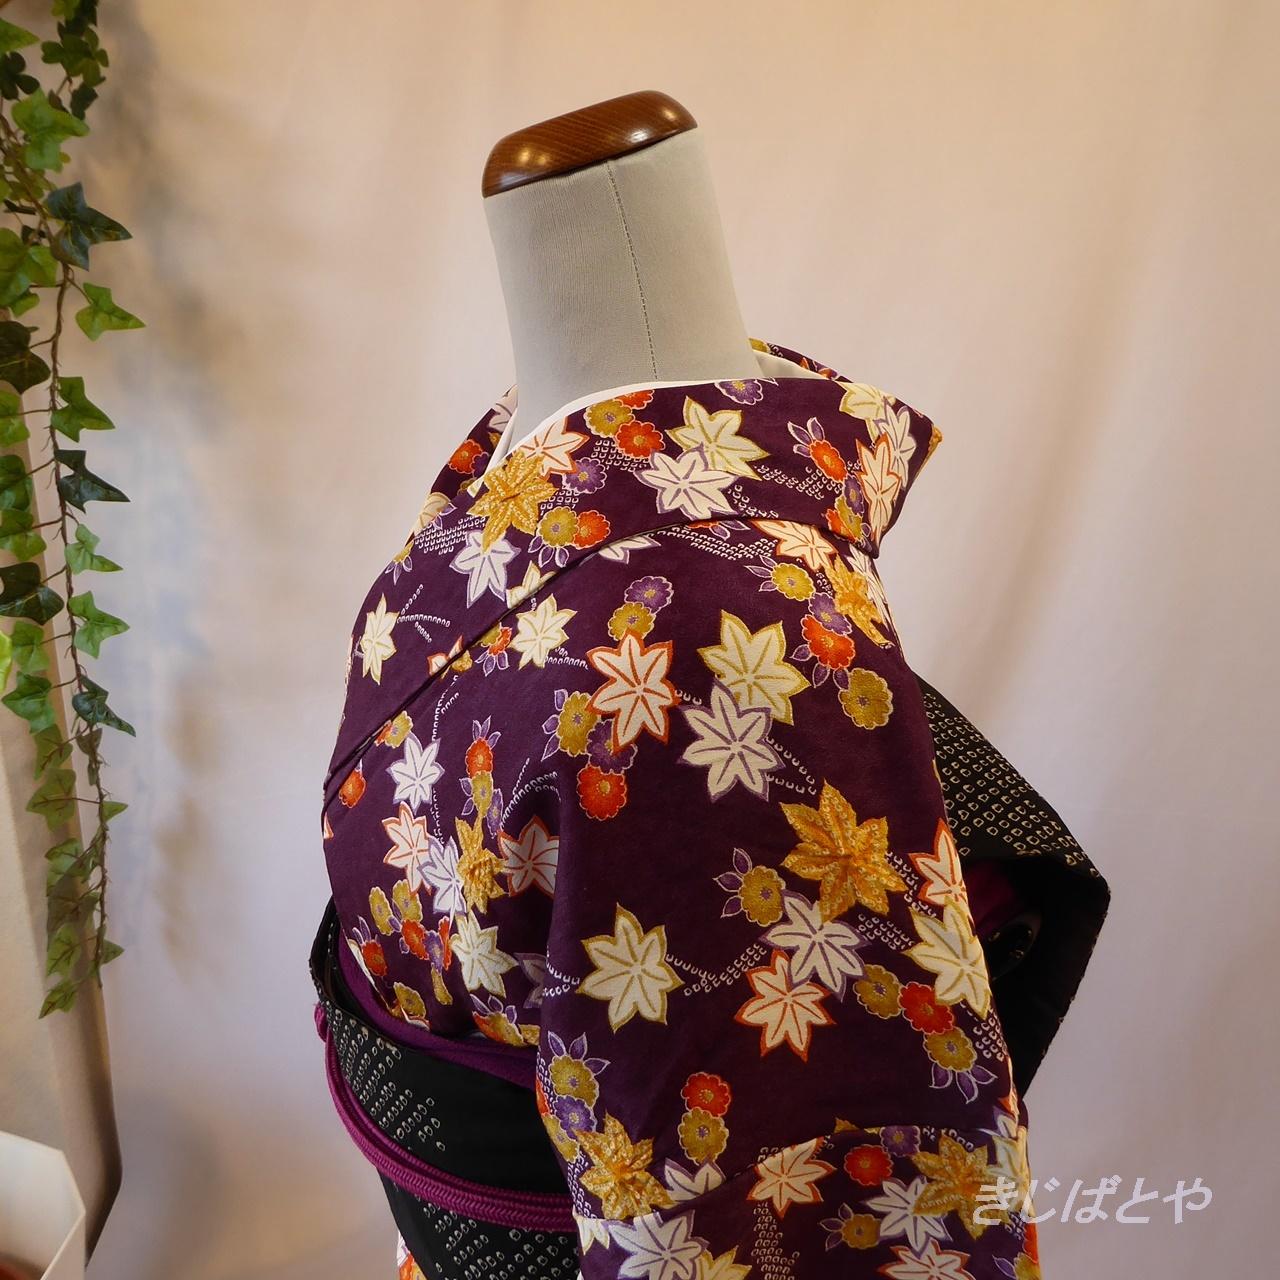 正絹綸子 小紫に楓と菊の総柄小紋 袷